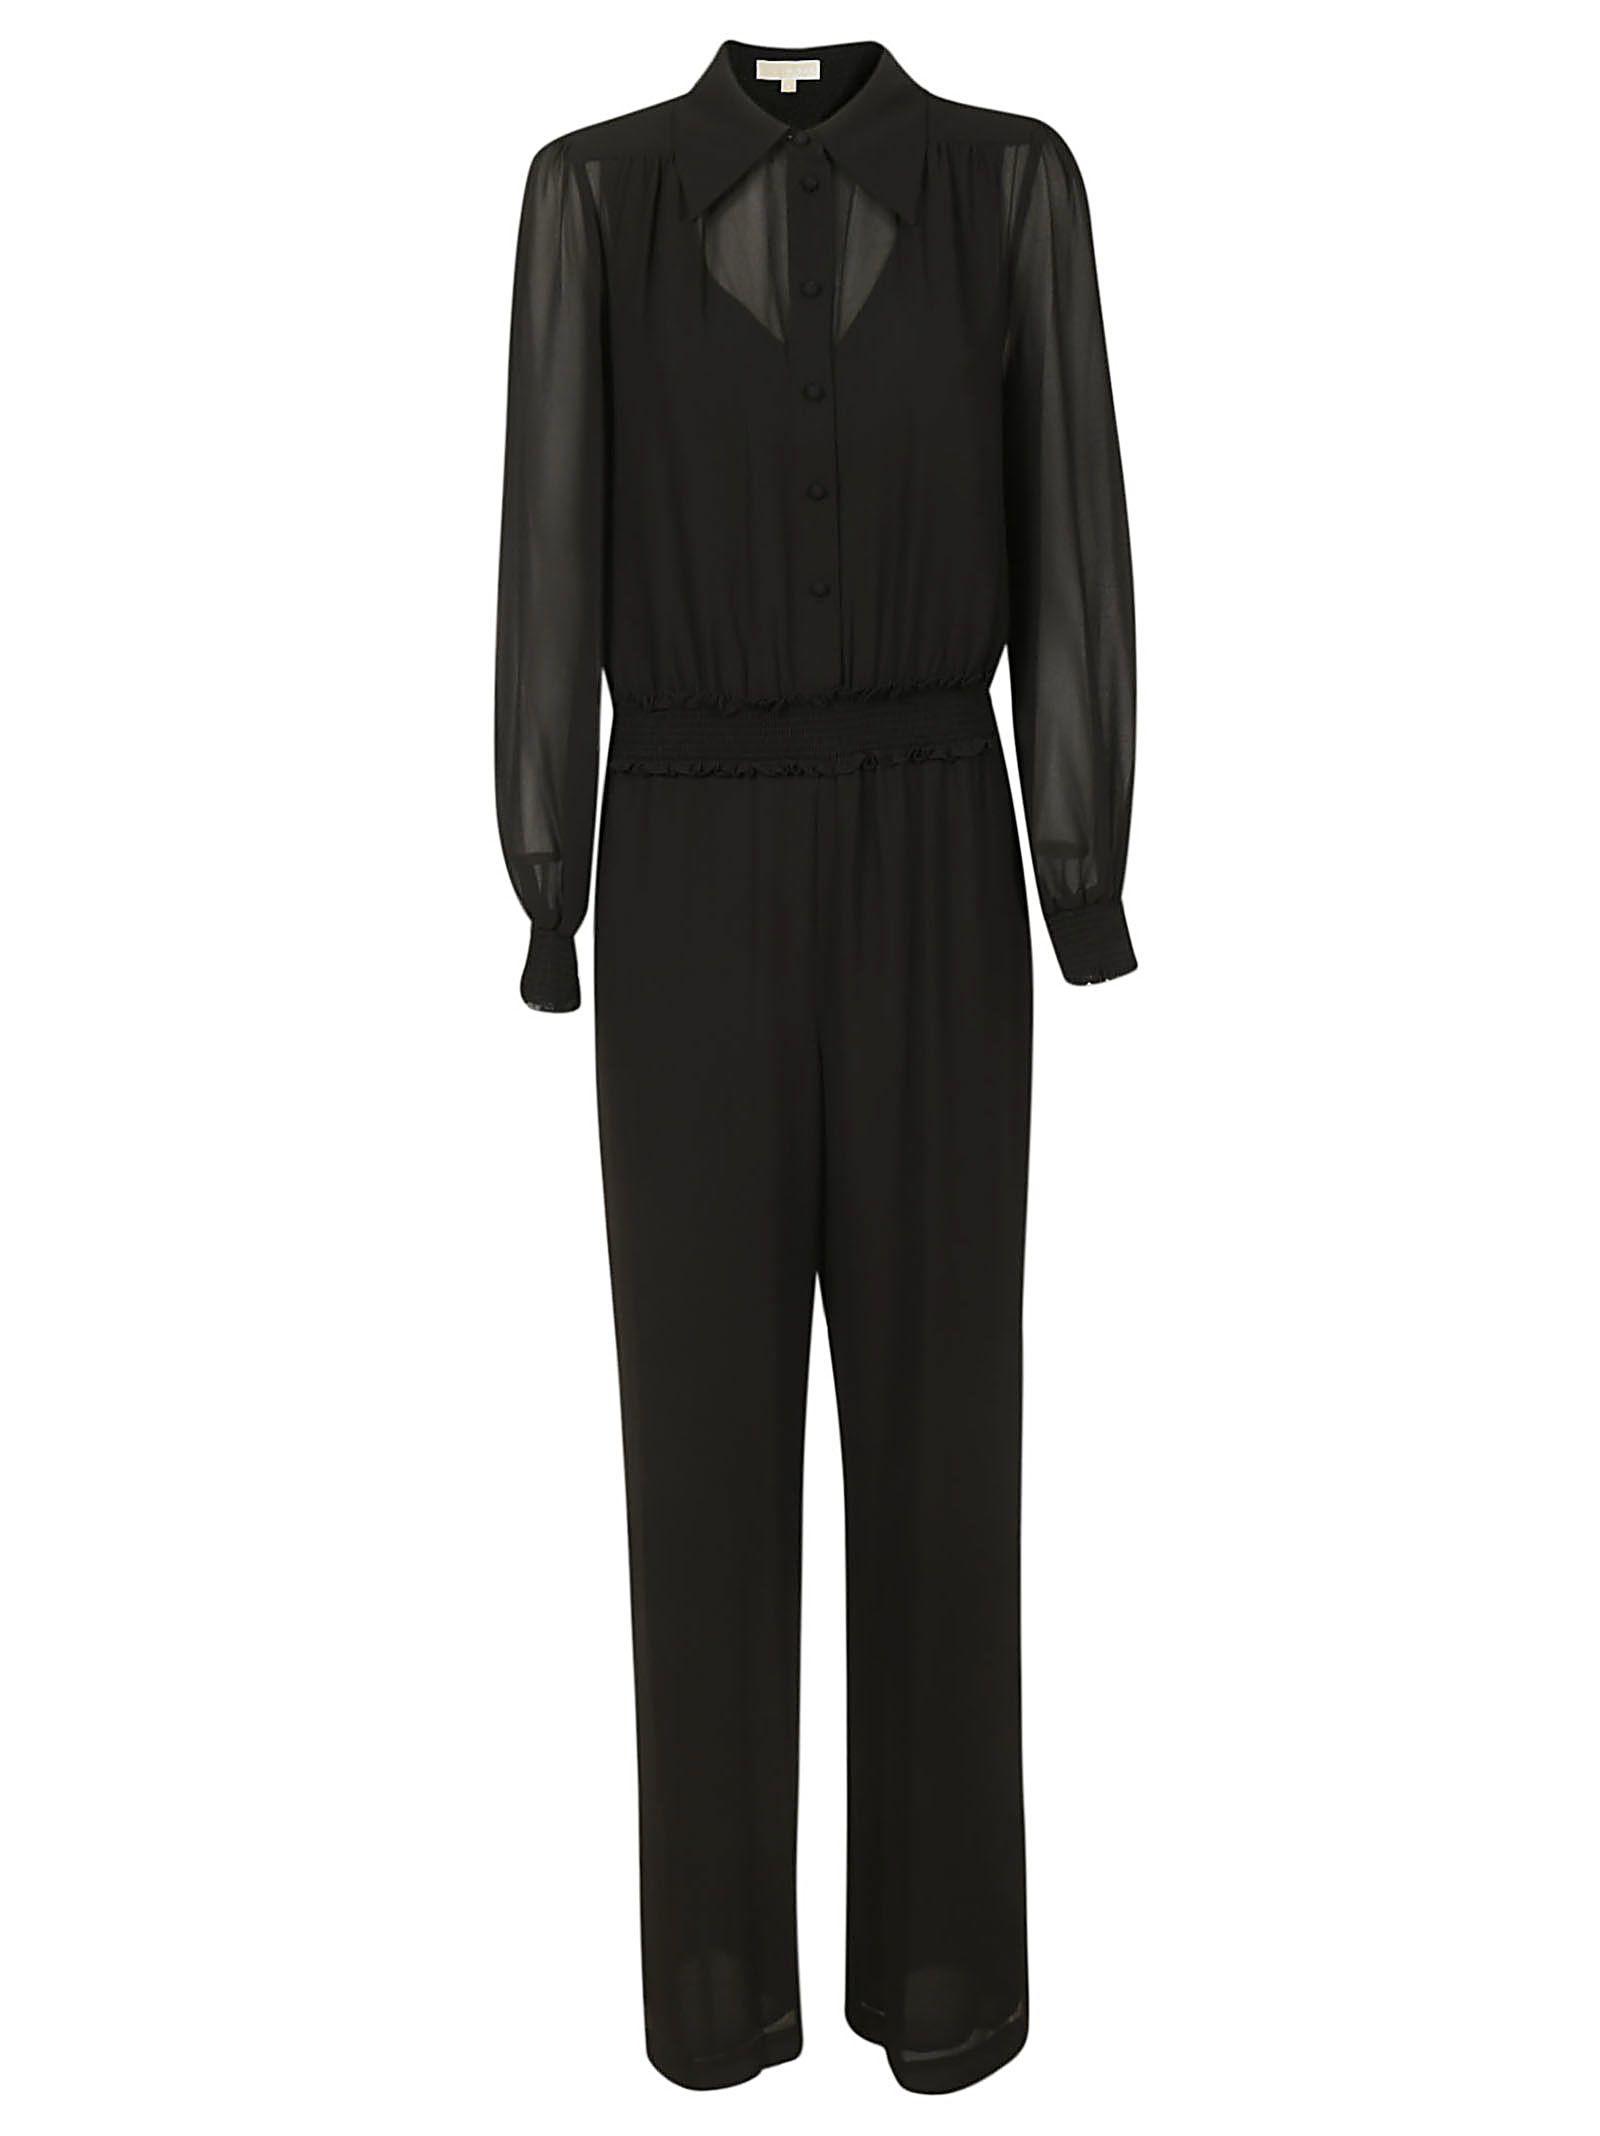 Michael Kors Sheer Sleeves Jumpsuit